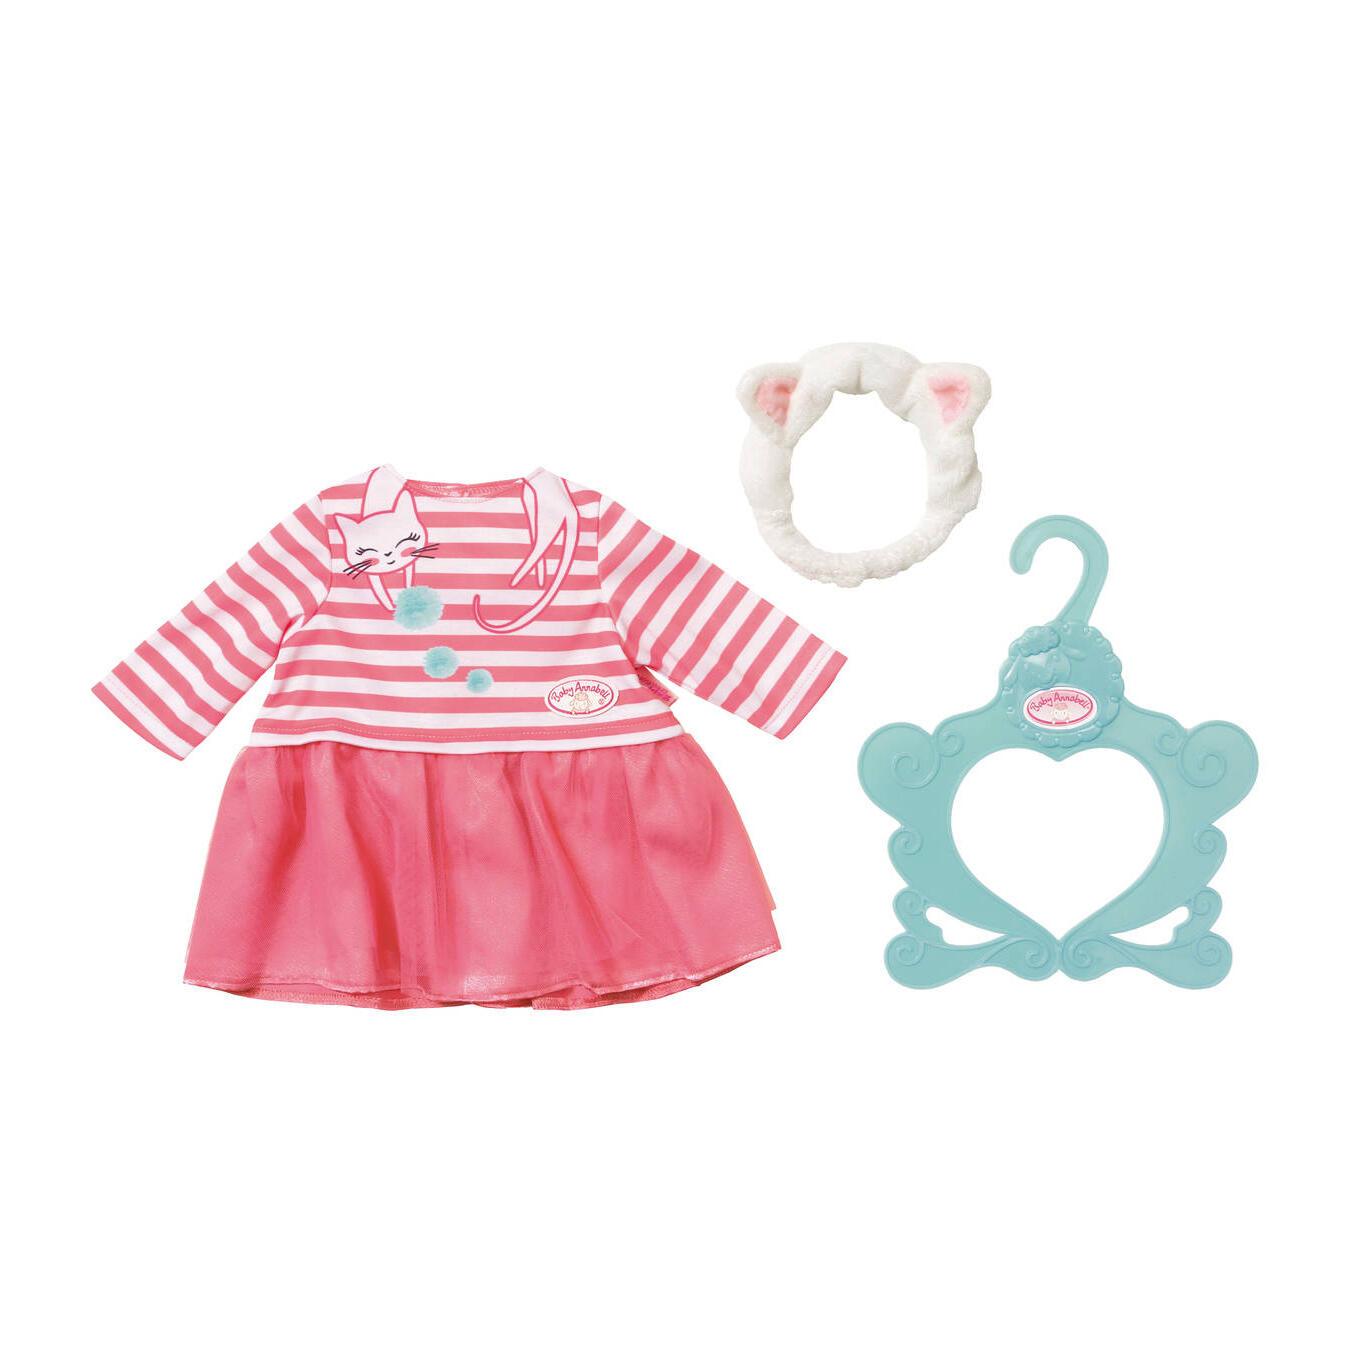 00a40930440 Σετ ρούχων ξεχωριστή μέρα Baby Annabell (701454)